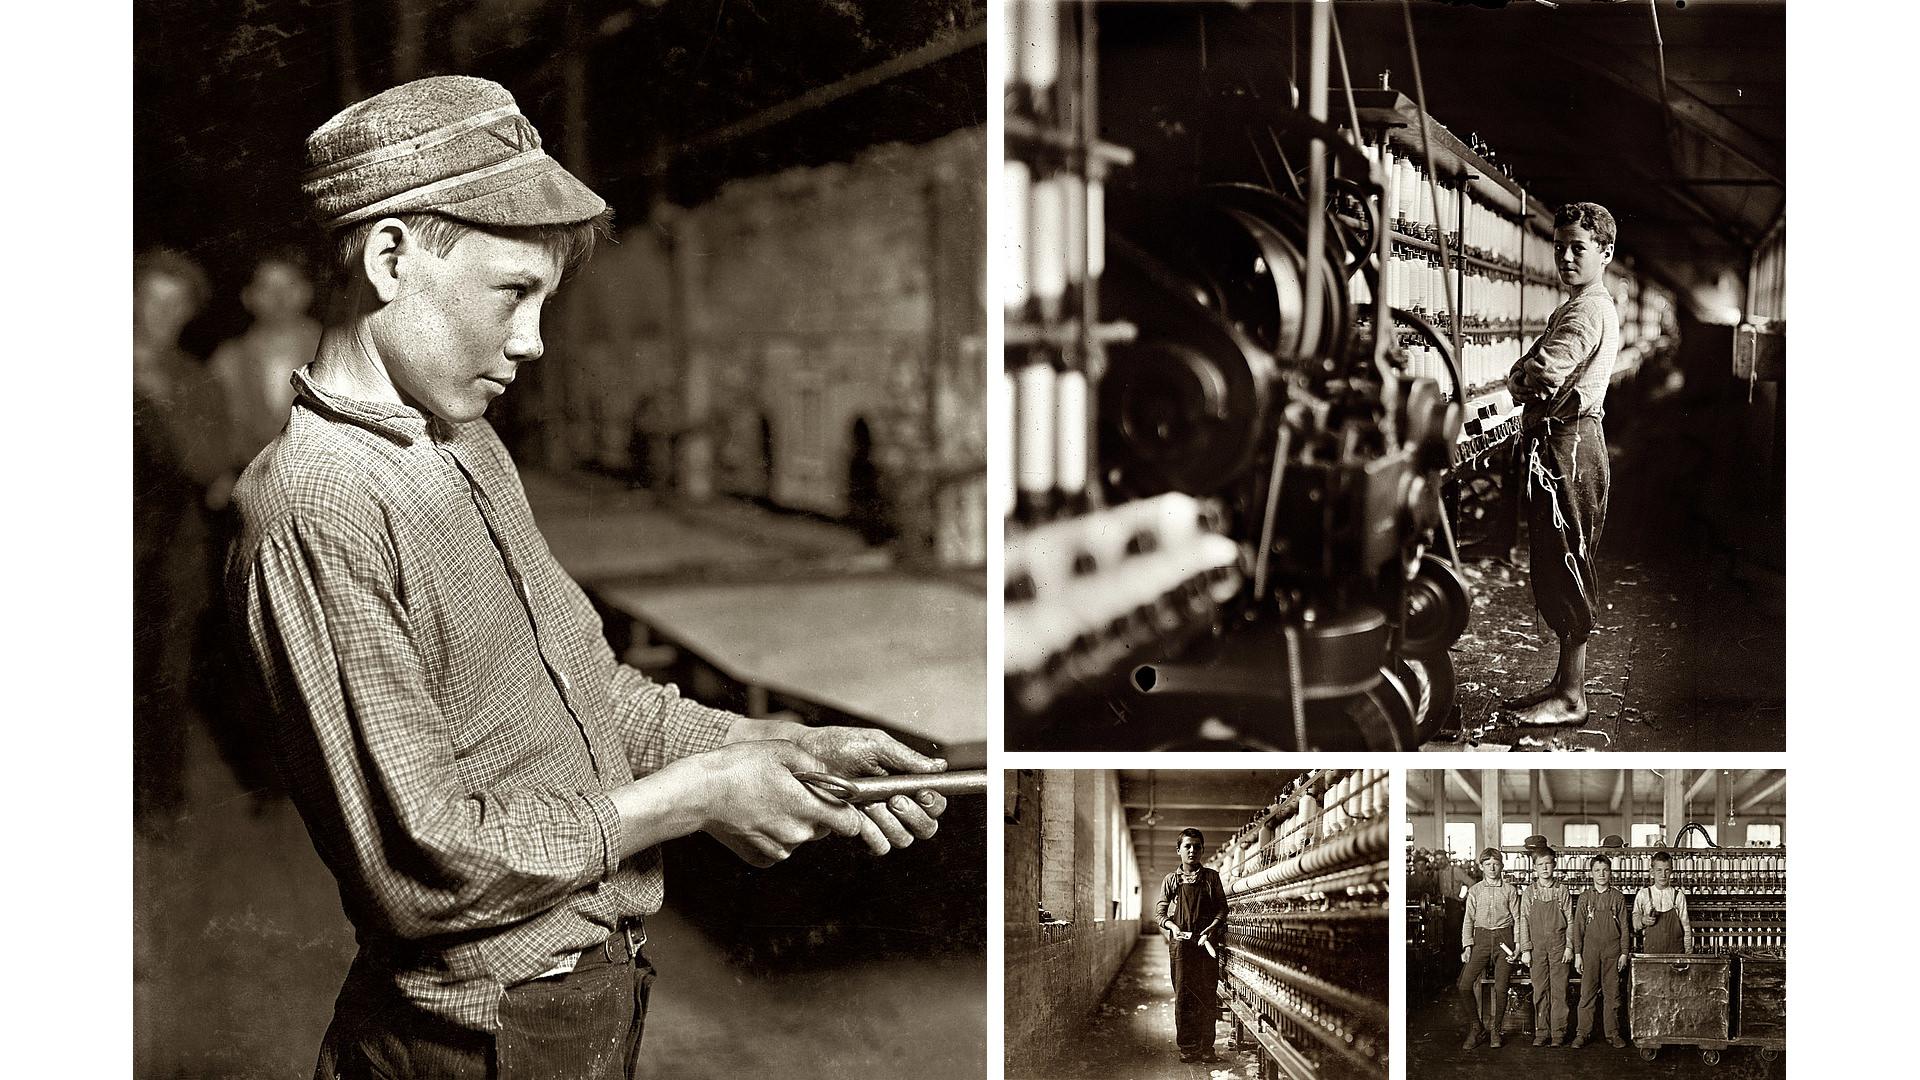 Lewis W Hines - Trabajo Infantil - Historia de la Fotografía - José Álvarez Fotografía